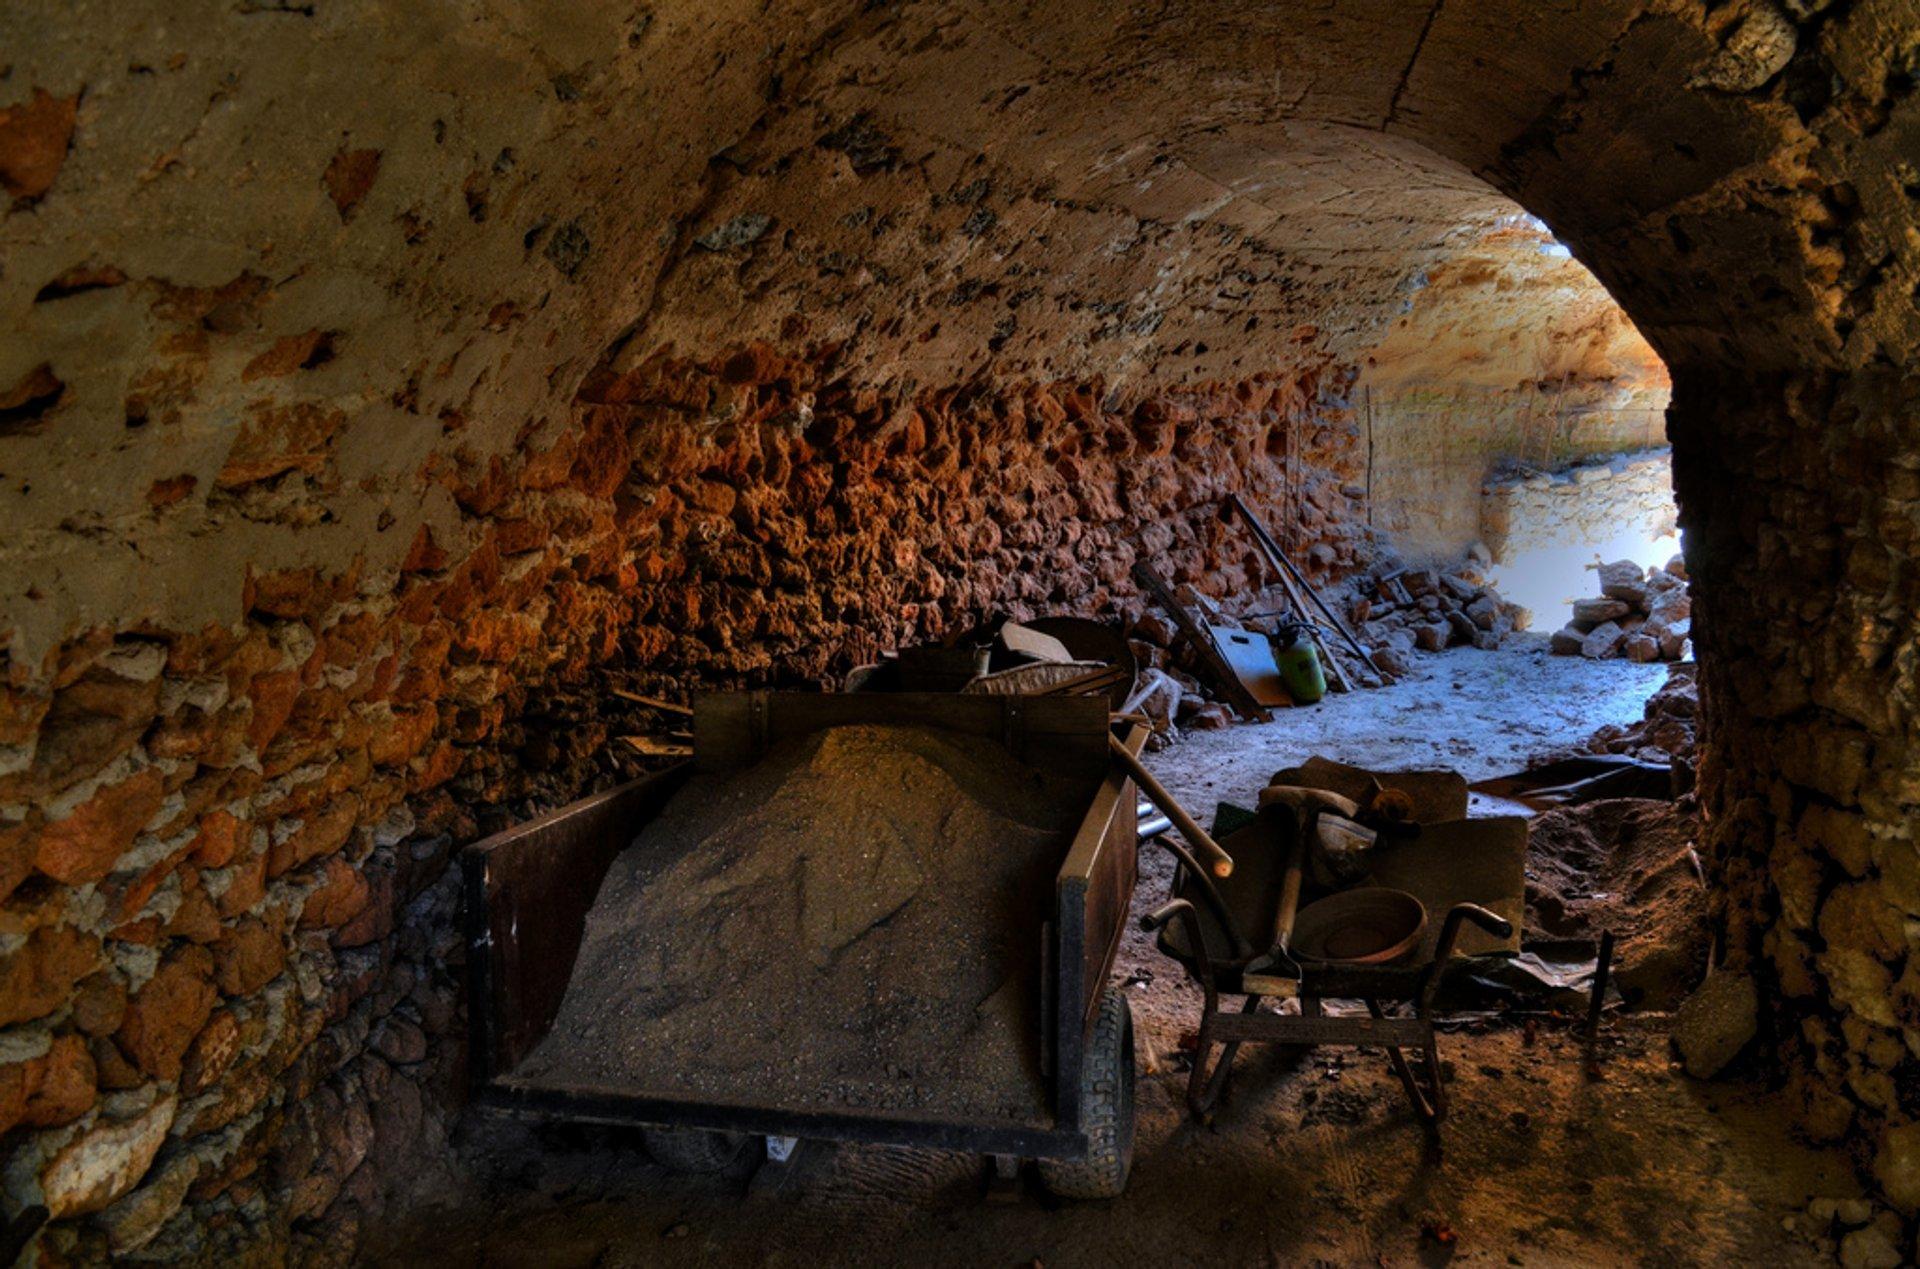 Repairing a hand-dug tunnel 2019